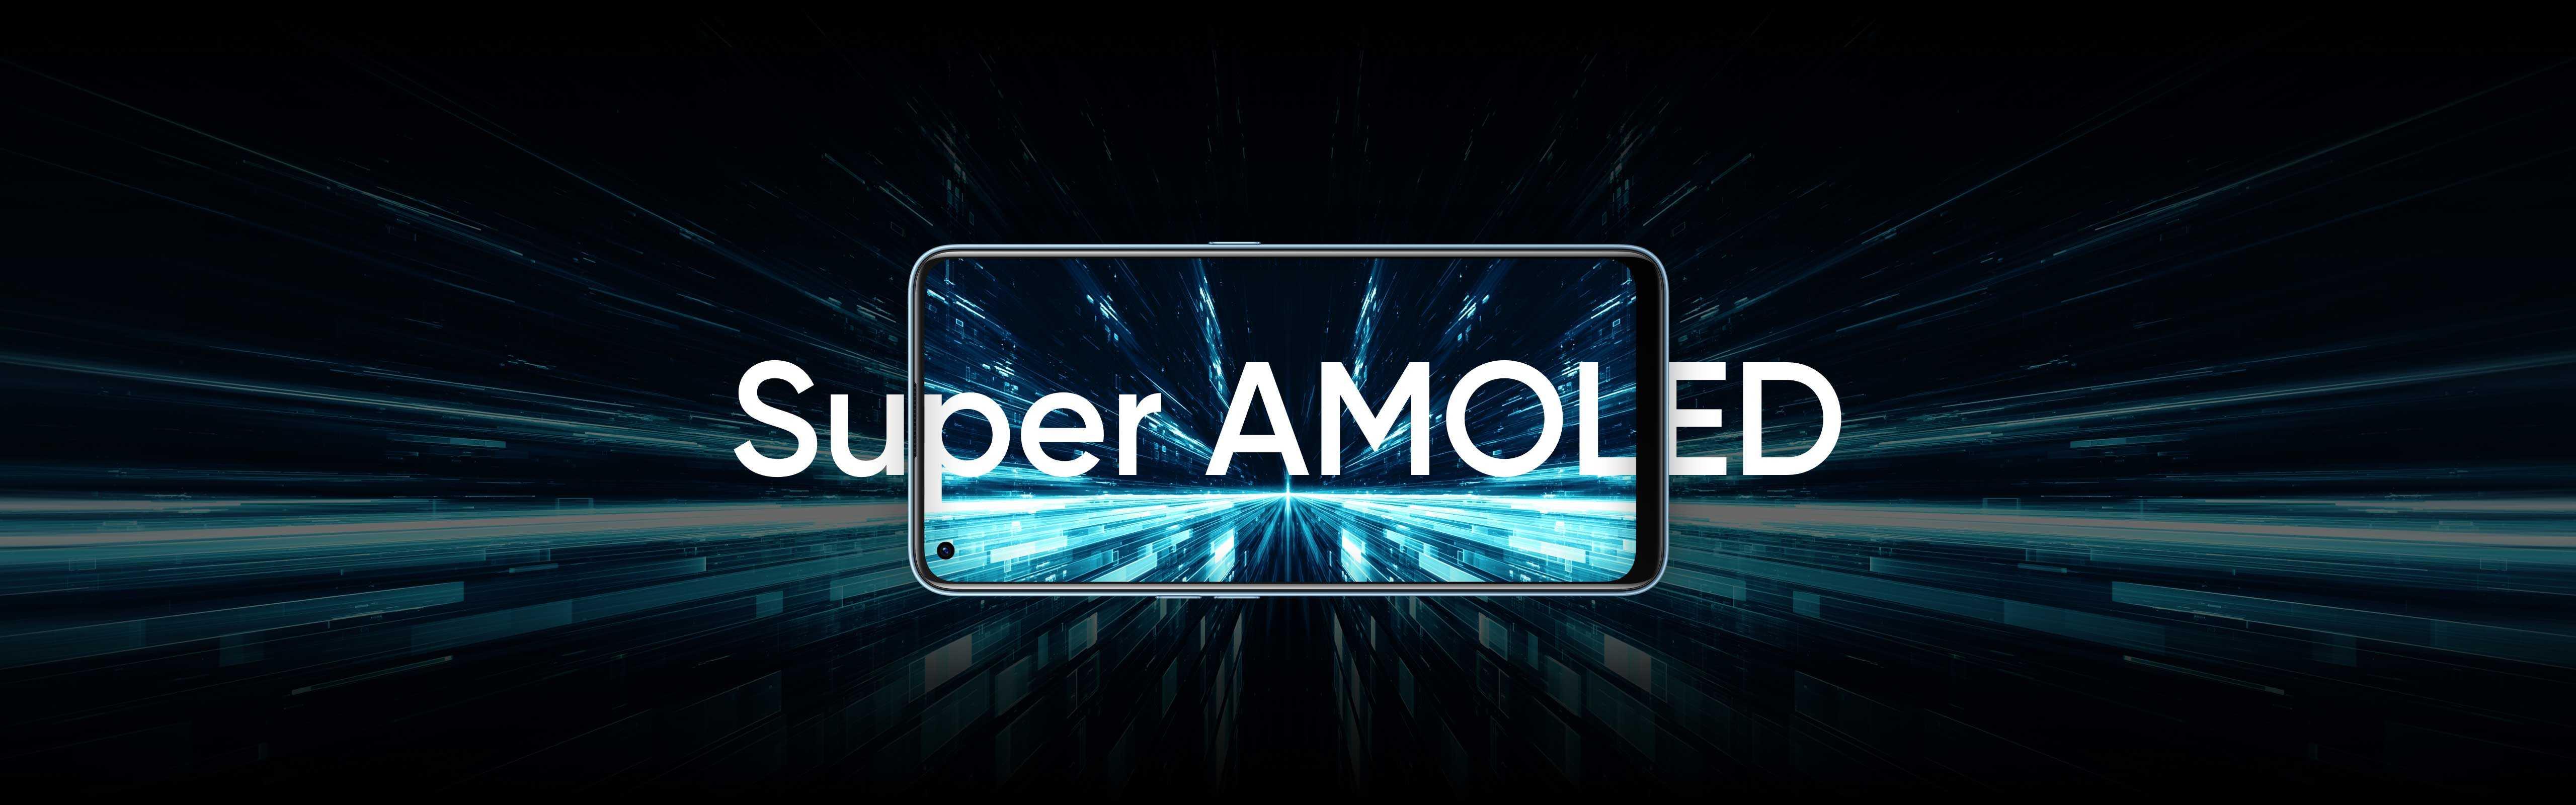 شاشة كاملة Super AMOLED 6.4 إنش، حيث تشكل الشاشة نسبة 90.8% من جسم الهاتف.